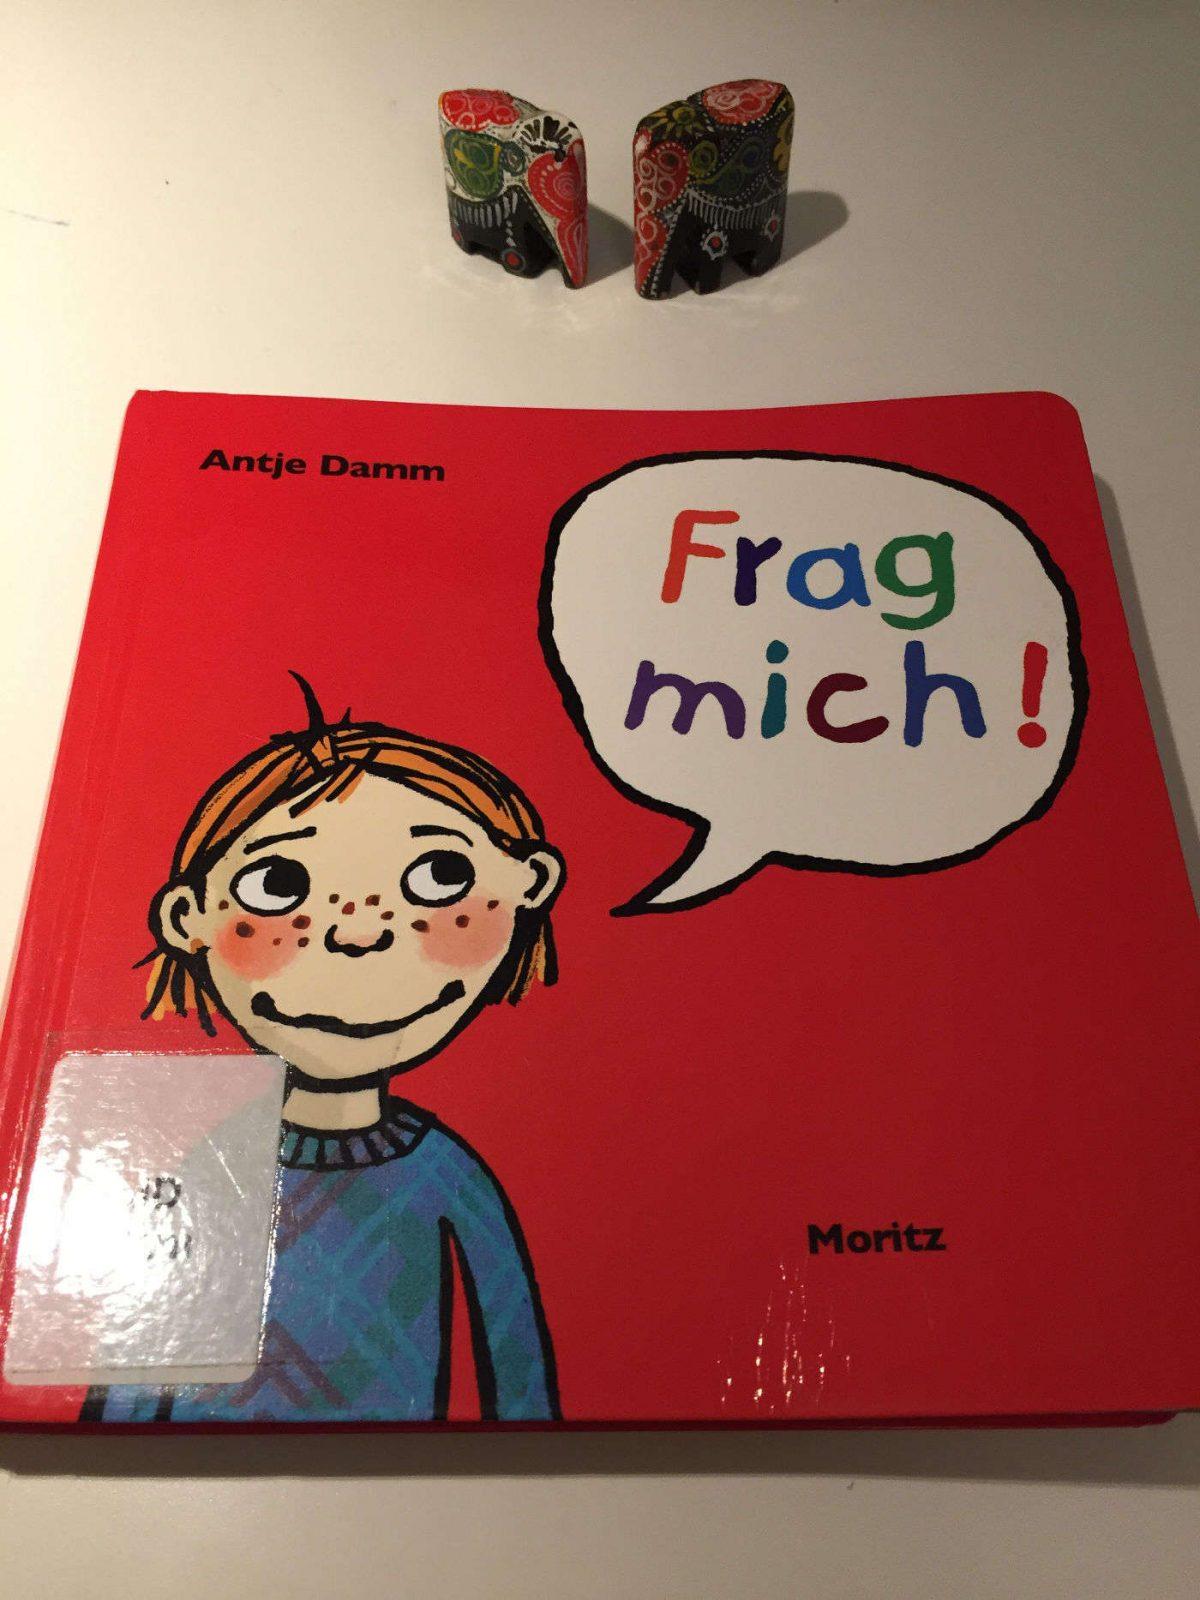 Antje Damm Frag mich 118 Fragen an Kinder um miteinander ins Gespraech zu kommen Kinderbuchblog Brigitte Wallinger Buchtipp Kinderbuchempfehlung